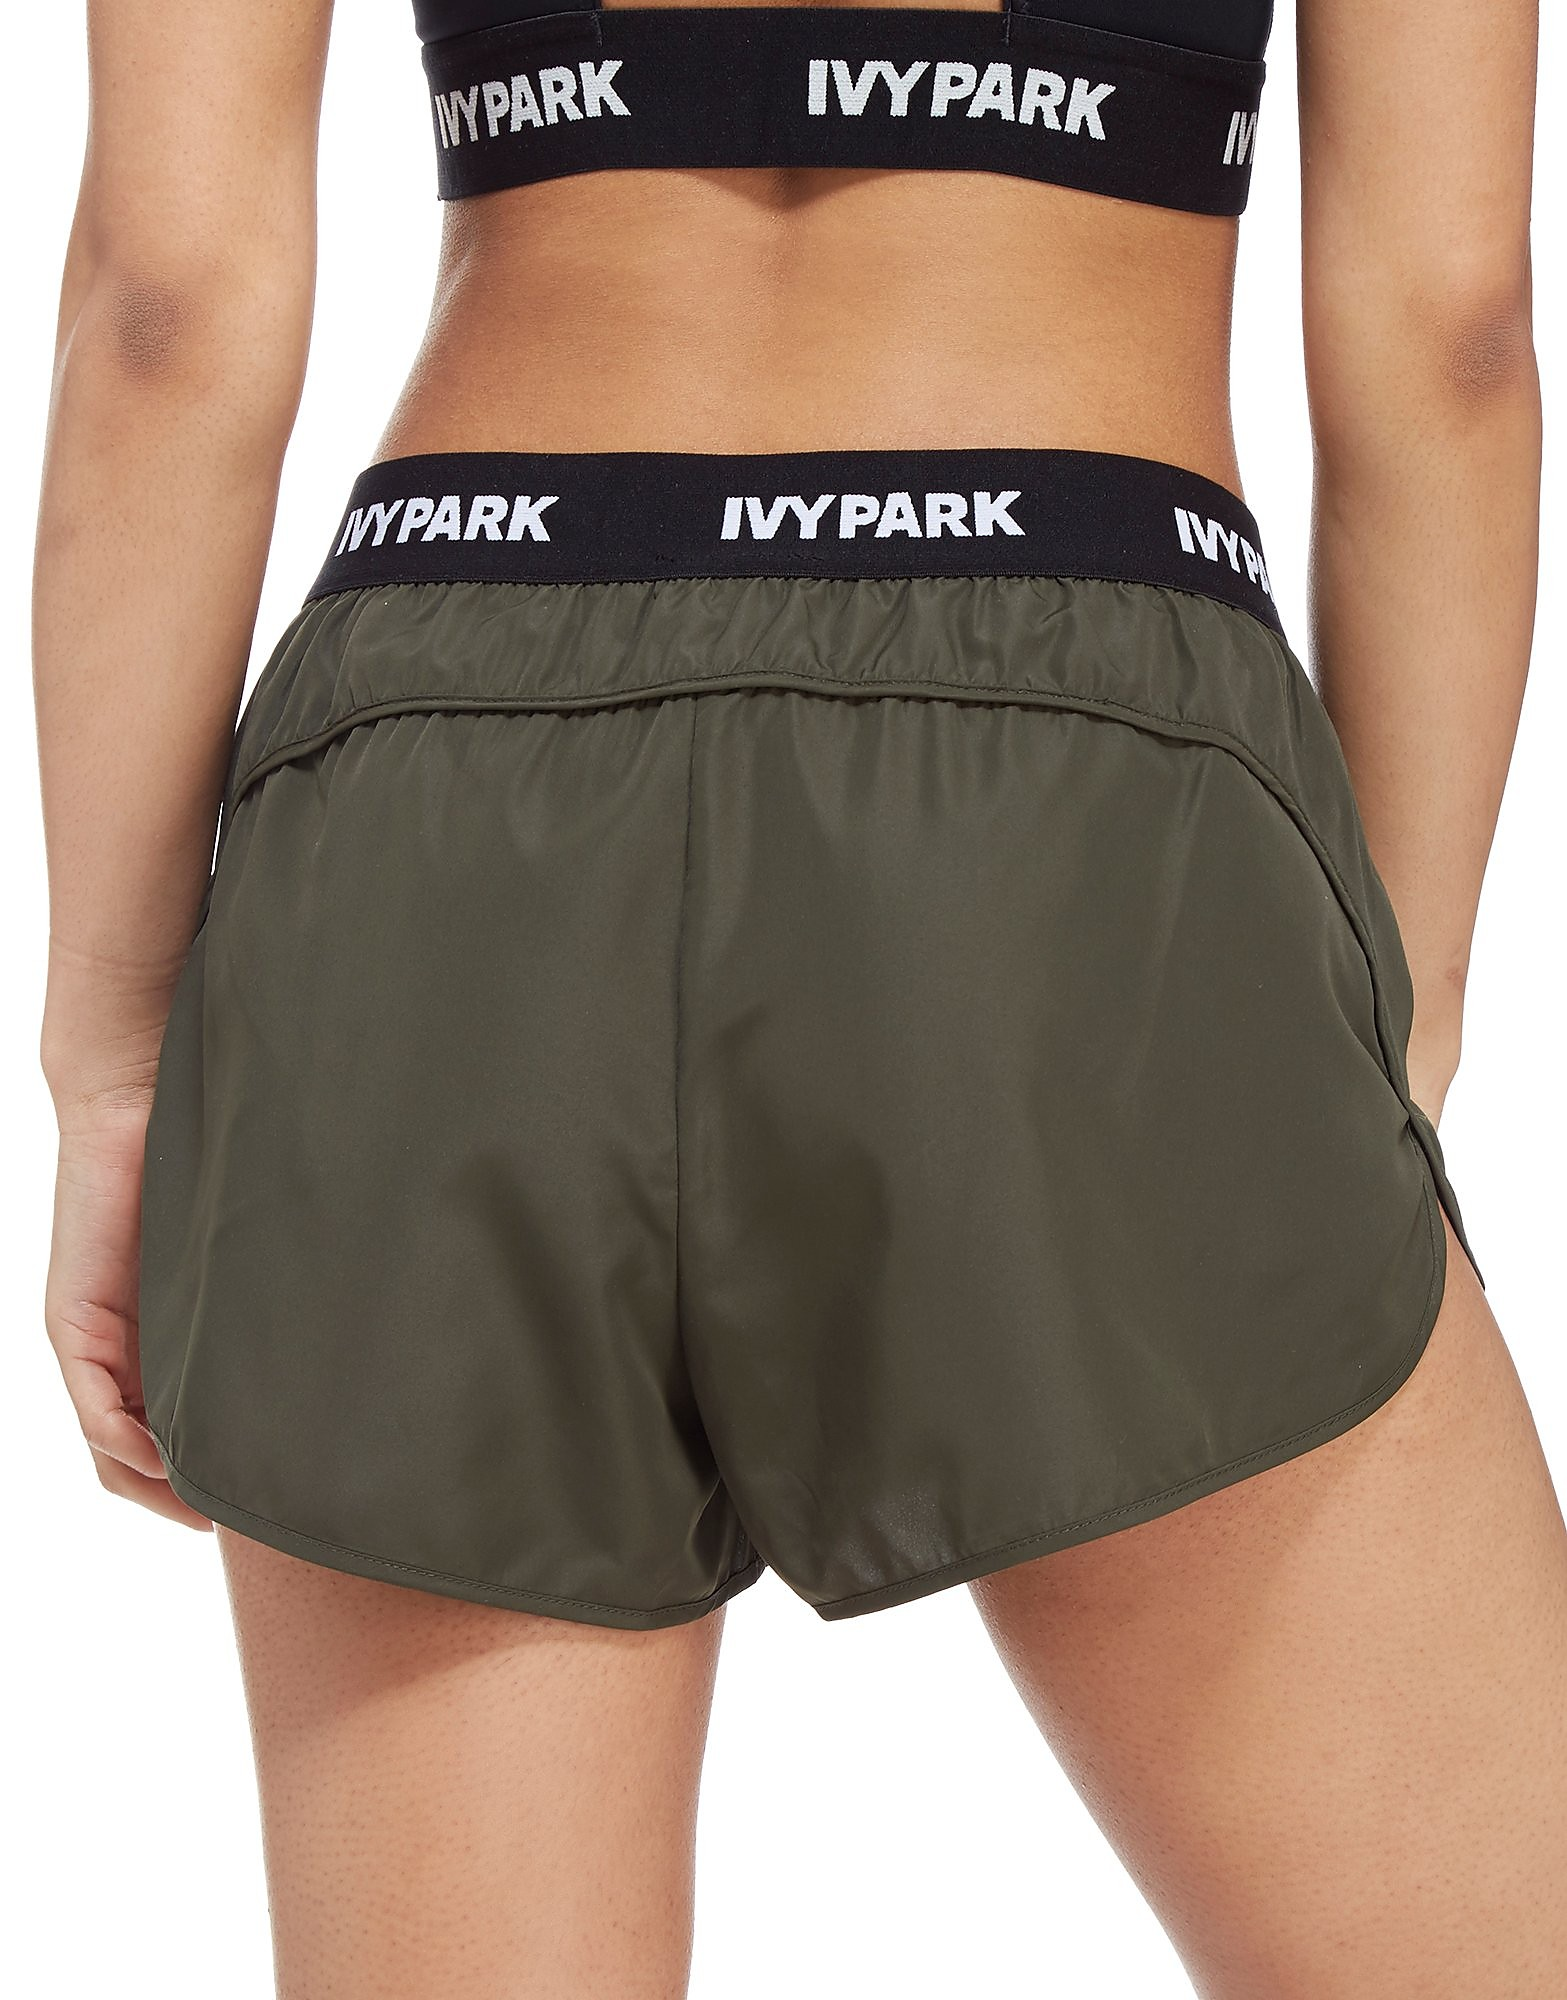 IVY PARK Waistband Runner Shorts